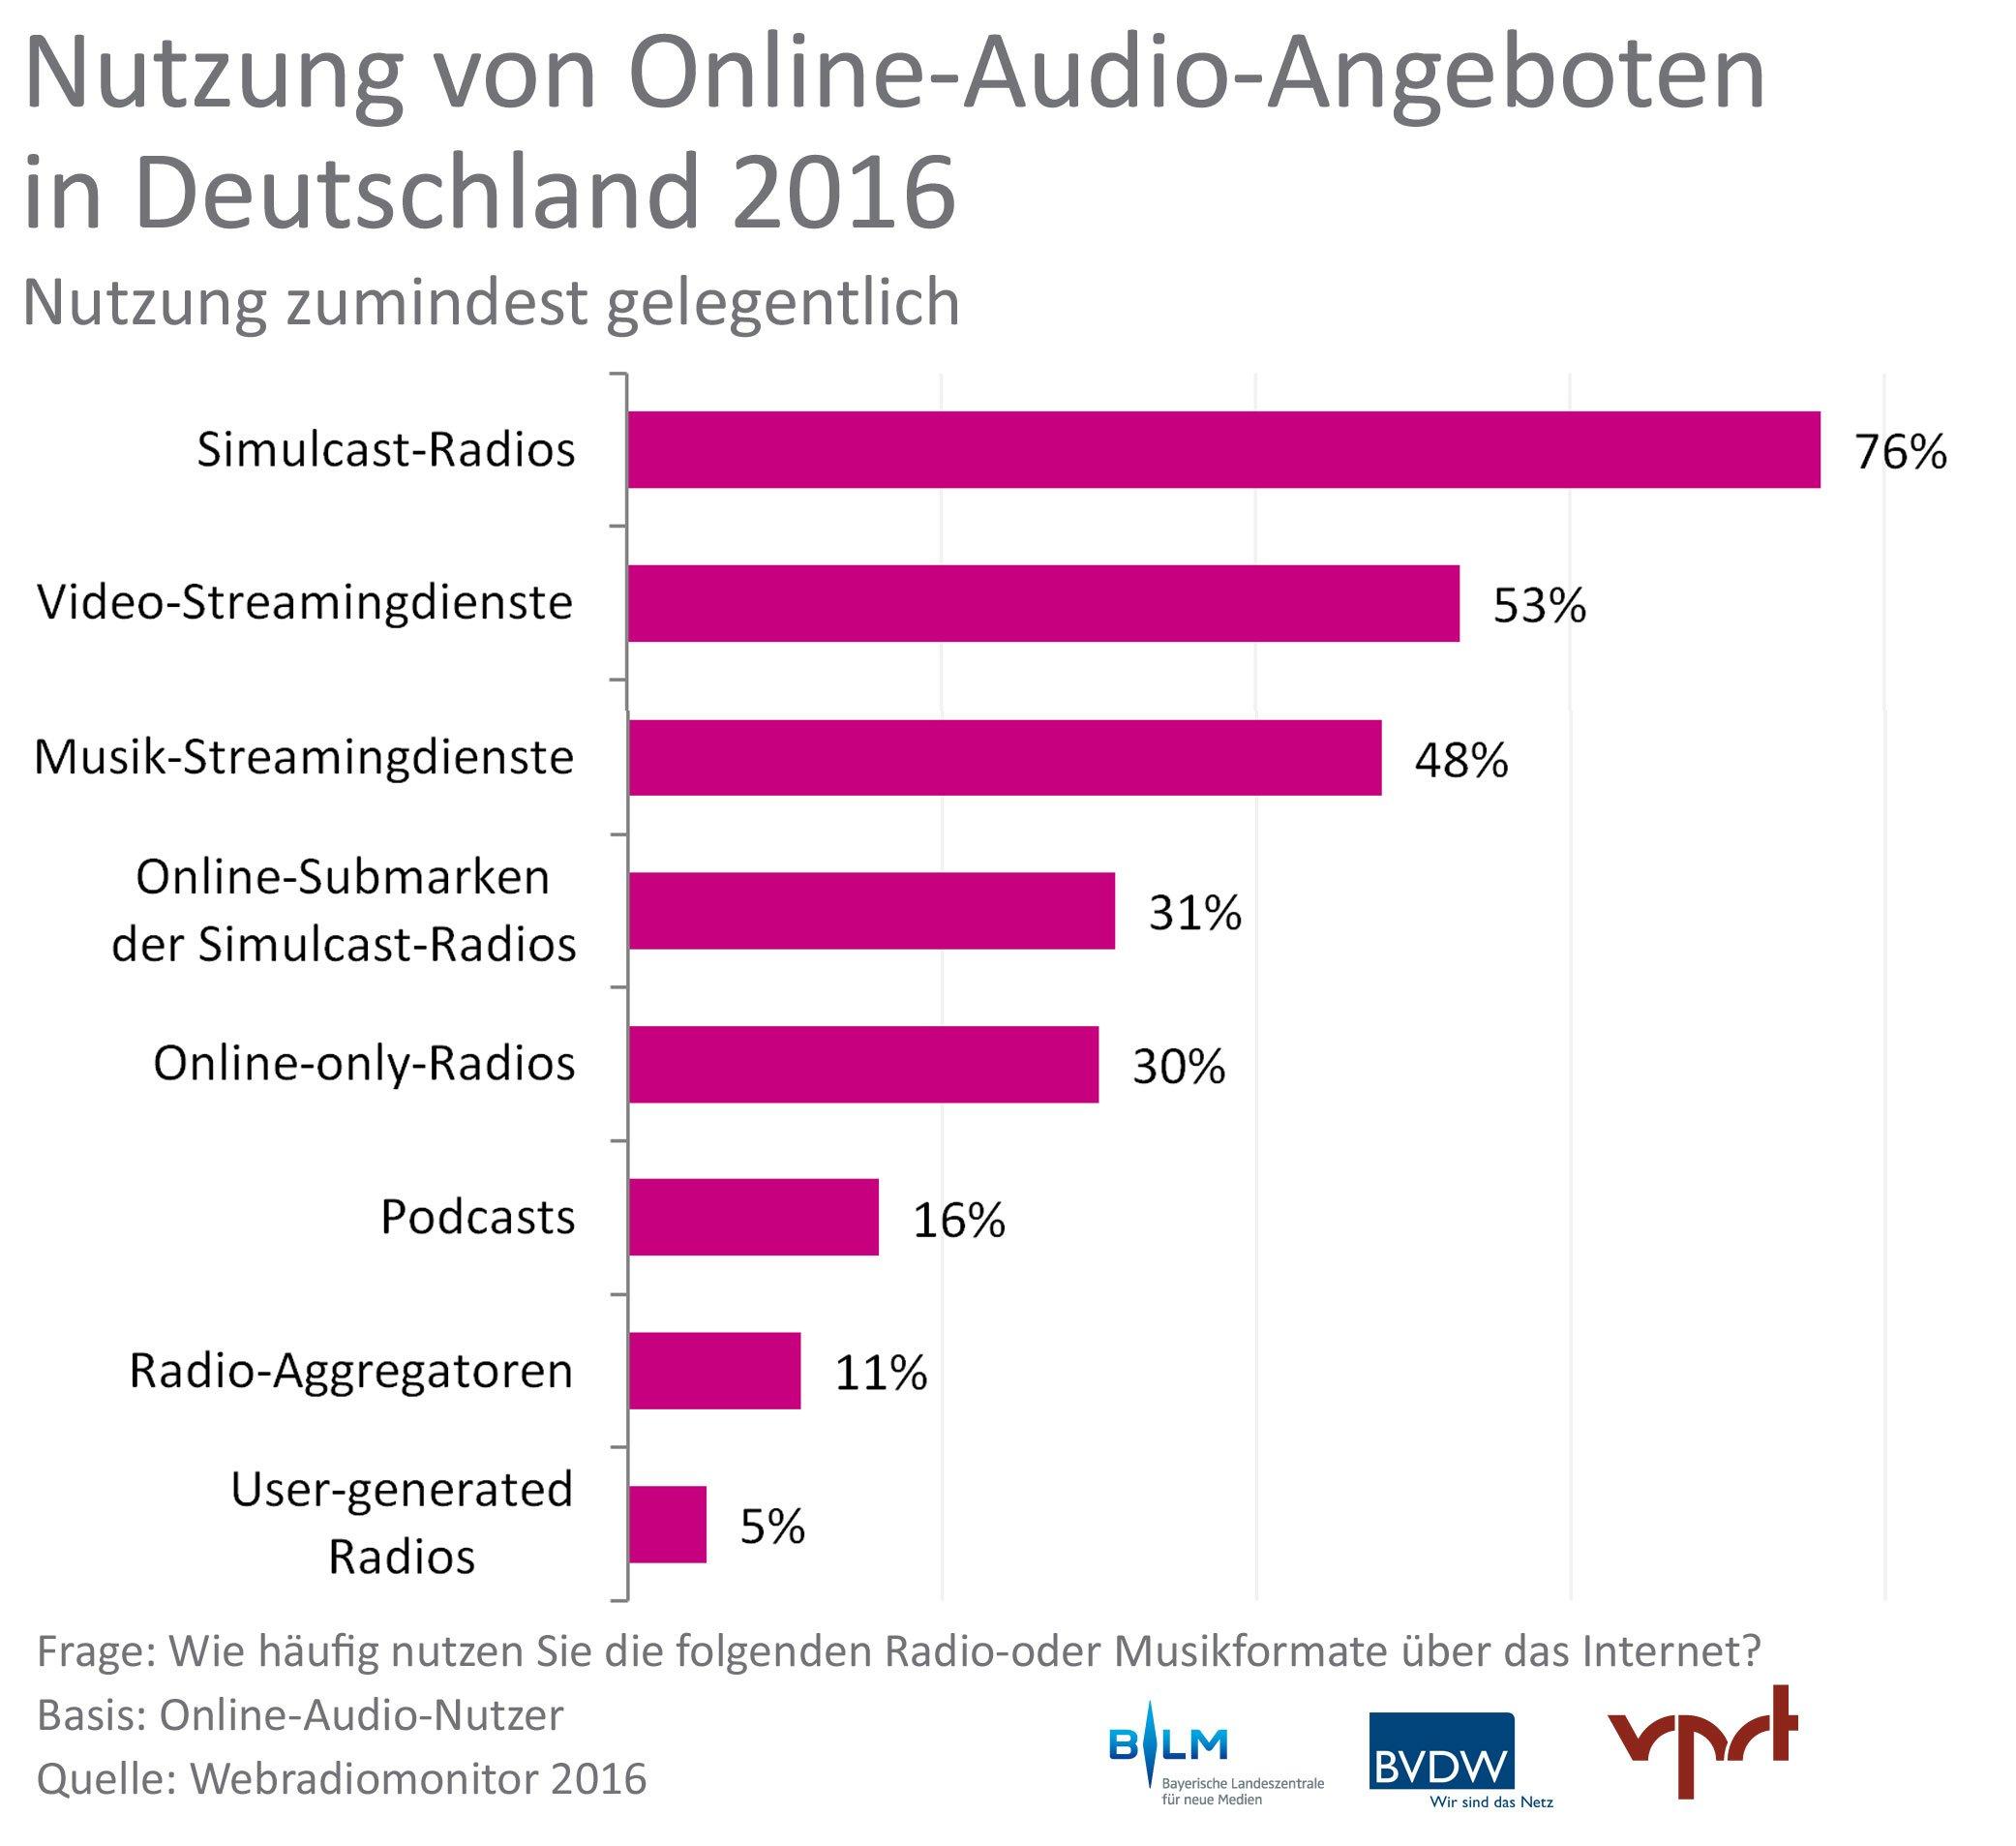 Webradiomonitor-2016: Nutzung von Online-Audio-Angeboten (Grafik: ©Webradiomonitor)